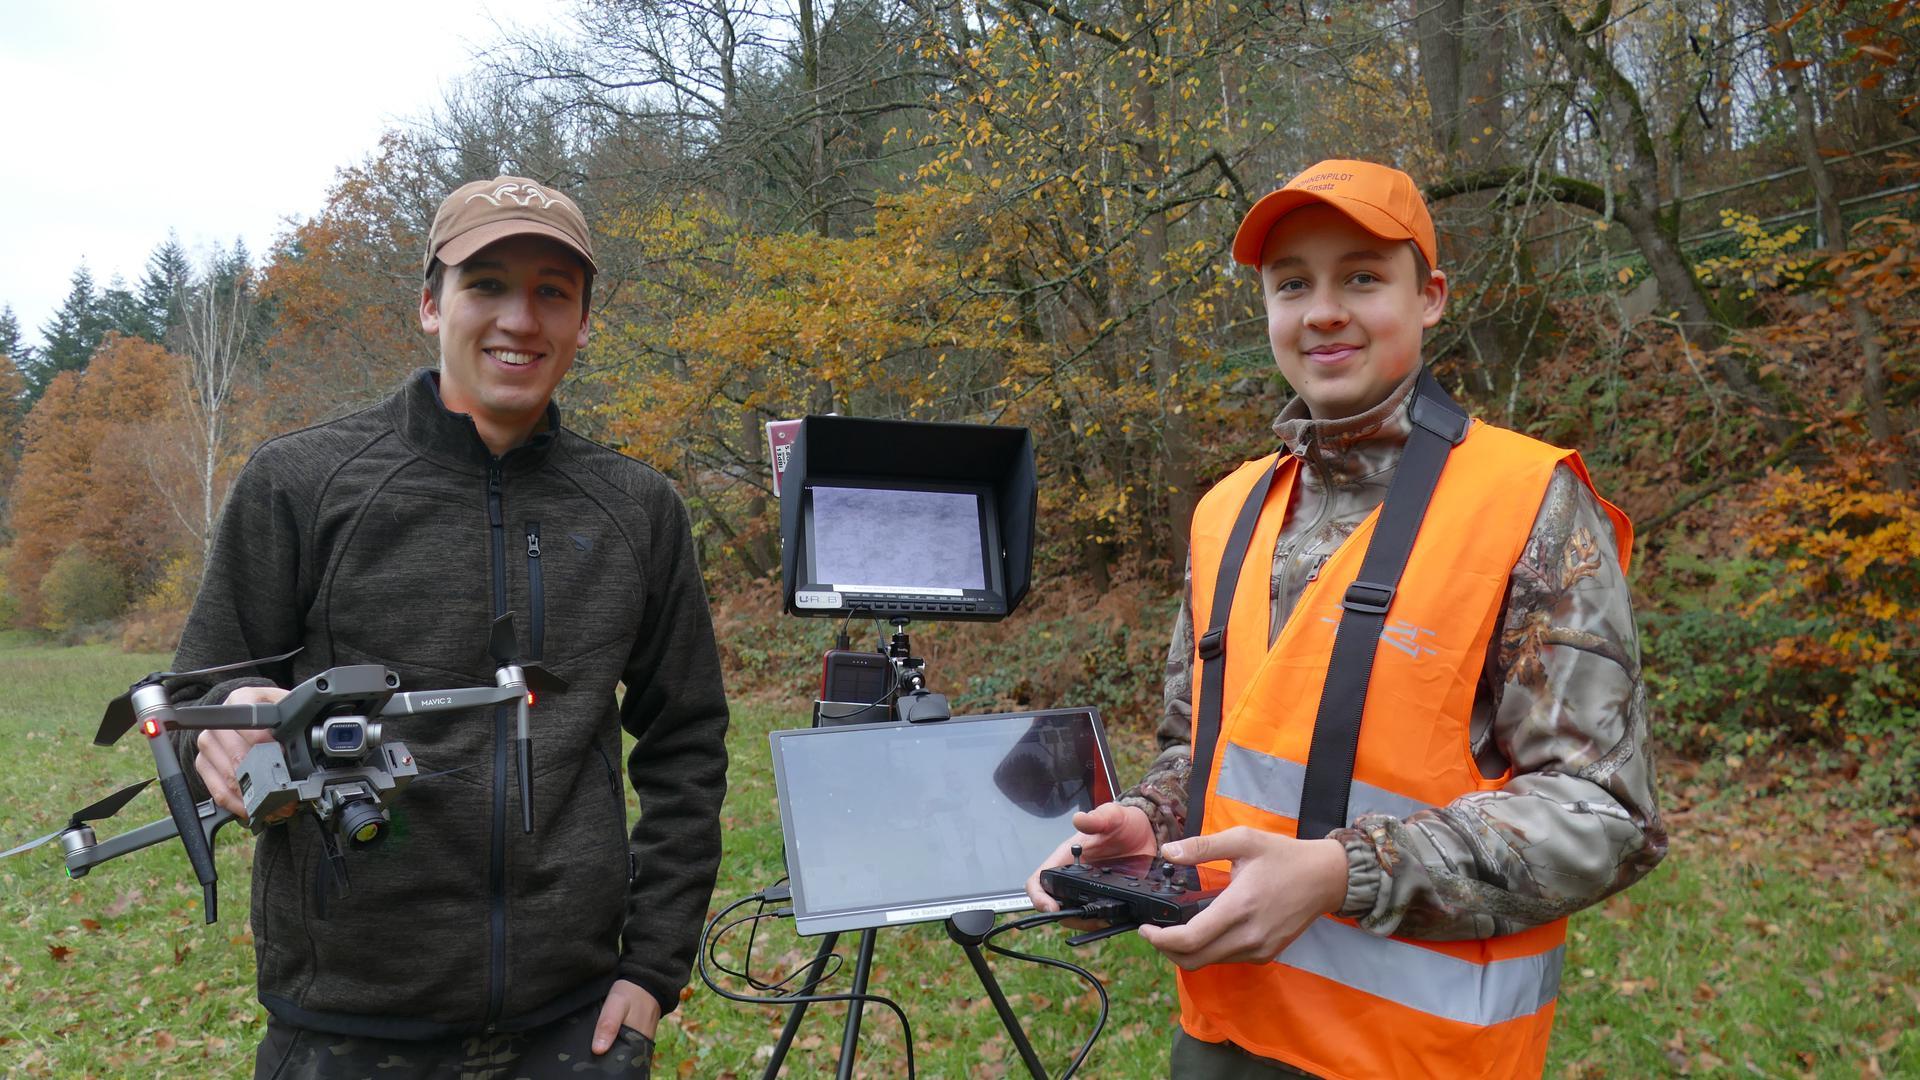 zwei junge Männer mit Drohne und Stativ